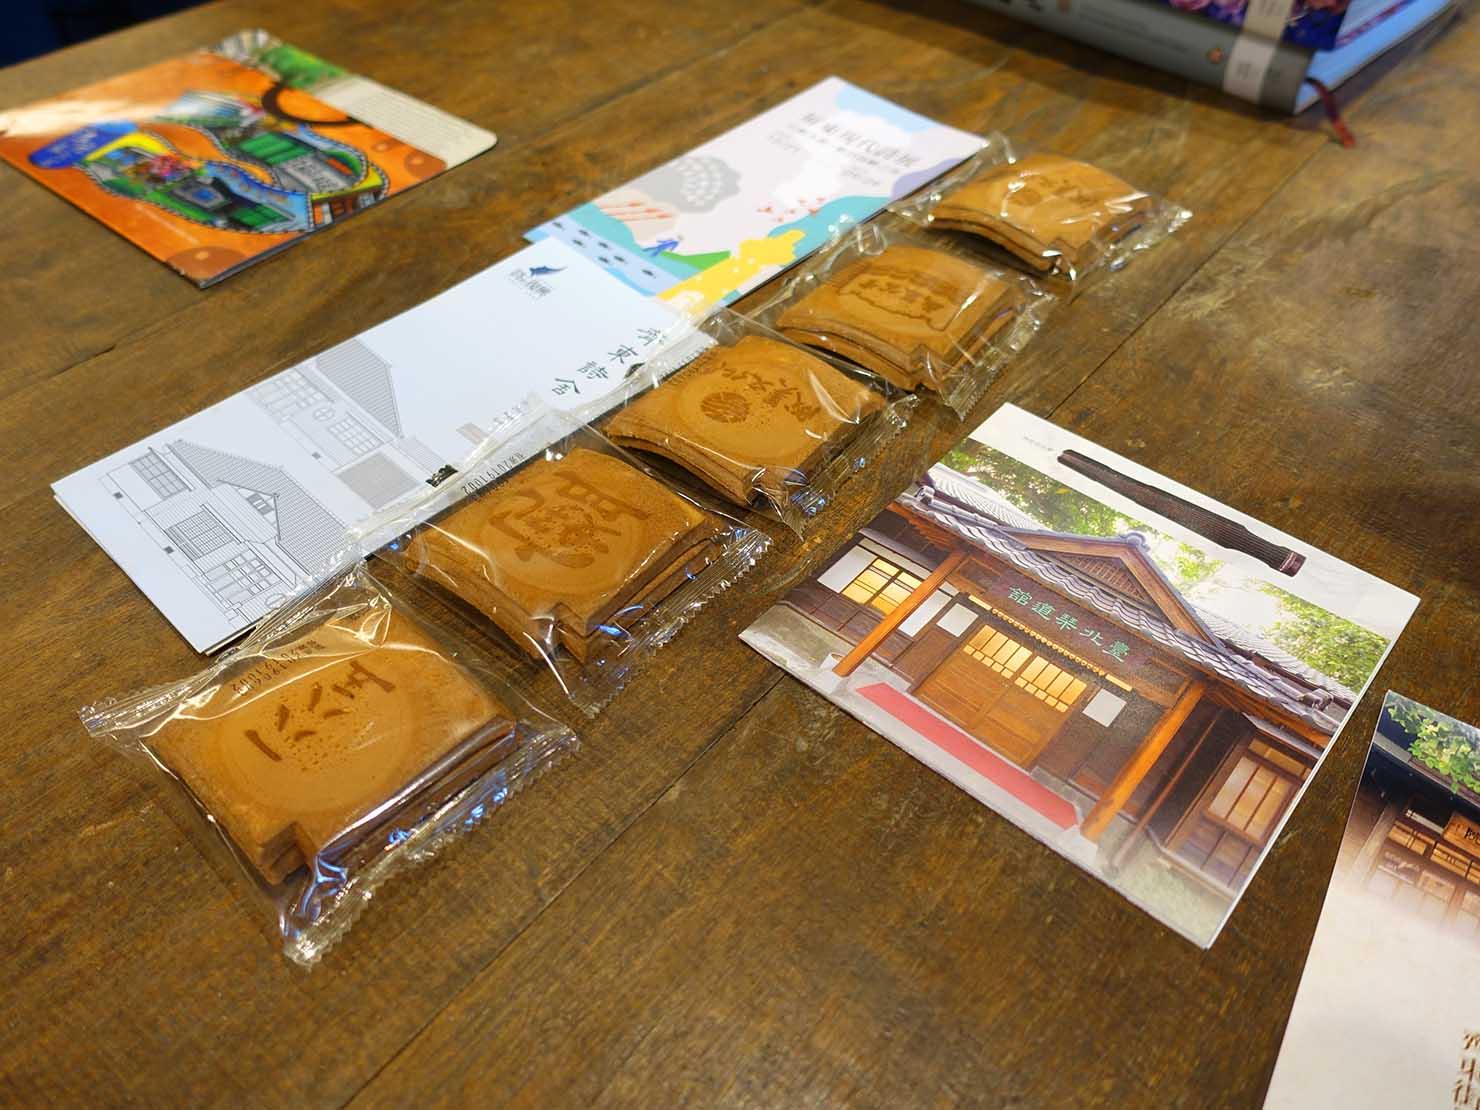 台北の街に佇む日本式古民家の図書館「文房 Chapter」の大テーブルに置かれたおせんべい